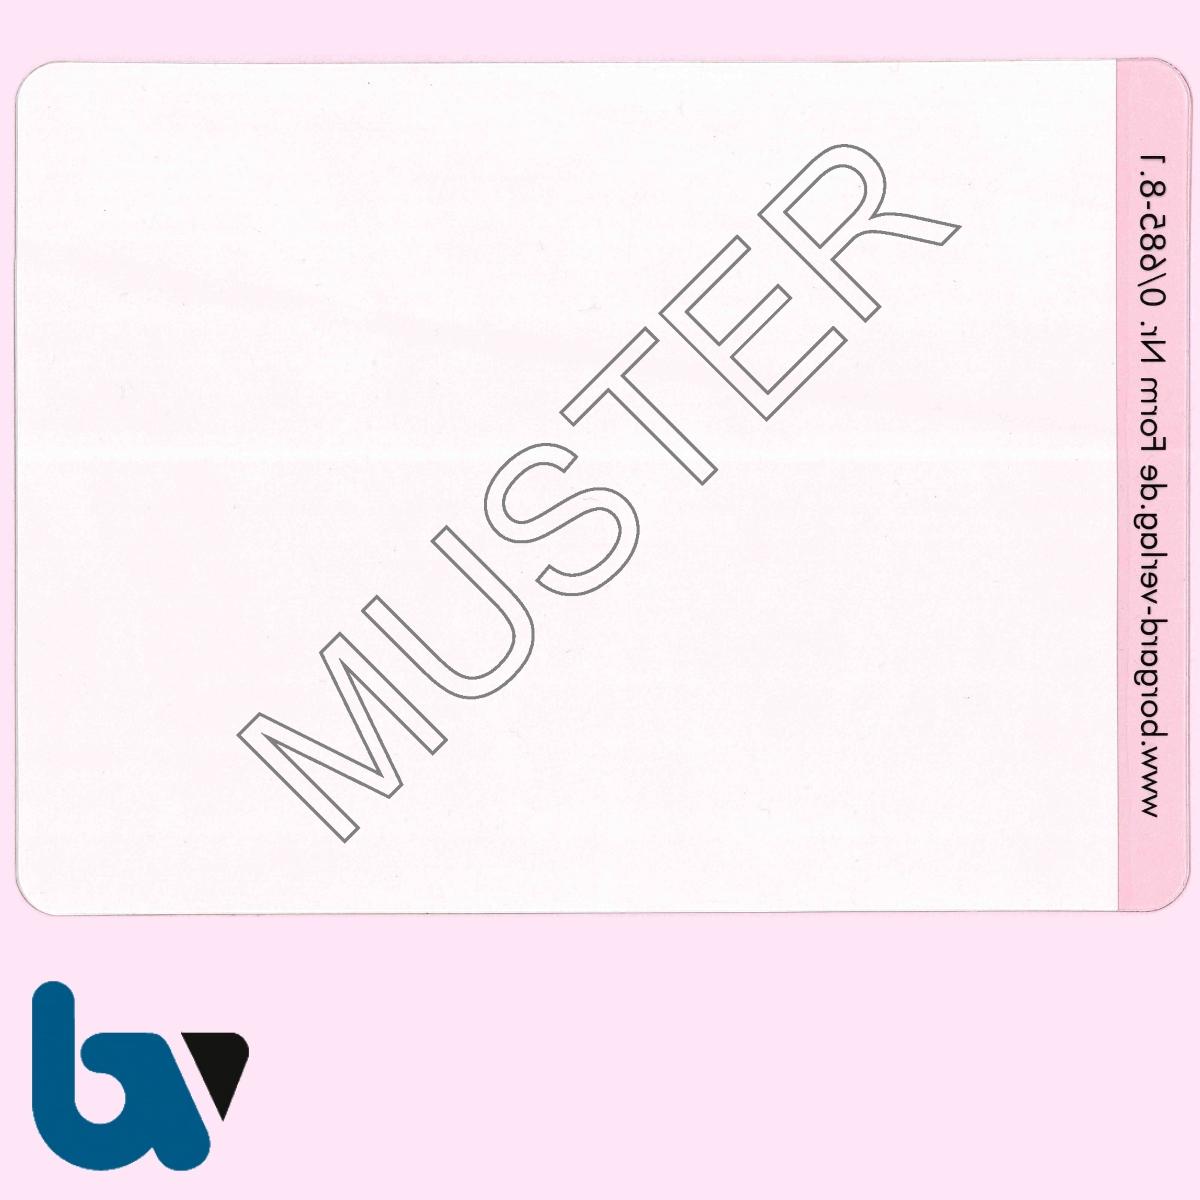 0/685-8.1 Klebefolie zur Plastifizierung Parkausweis DIN A6 RS | Borgard Verlag GmbH